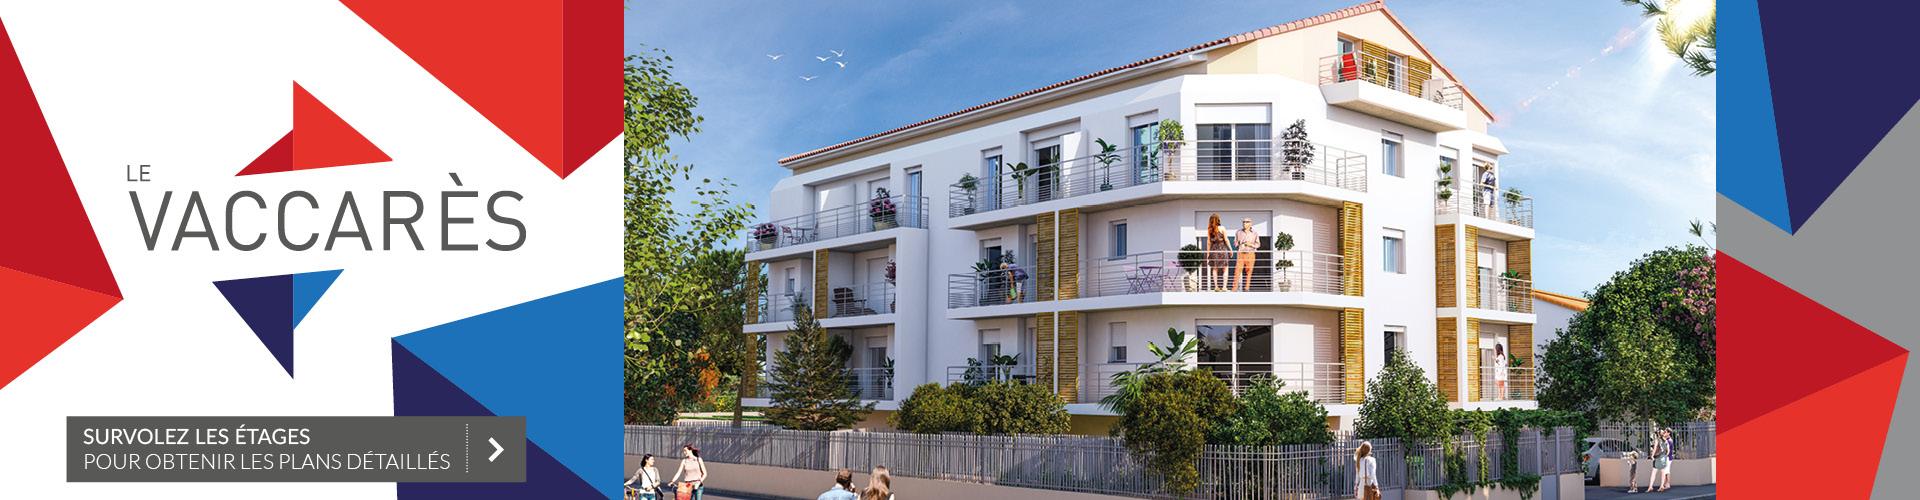 Segeprim Immobilier - Résidence Le Vaccarès - Var